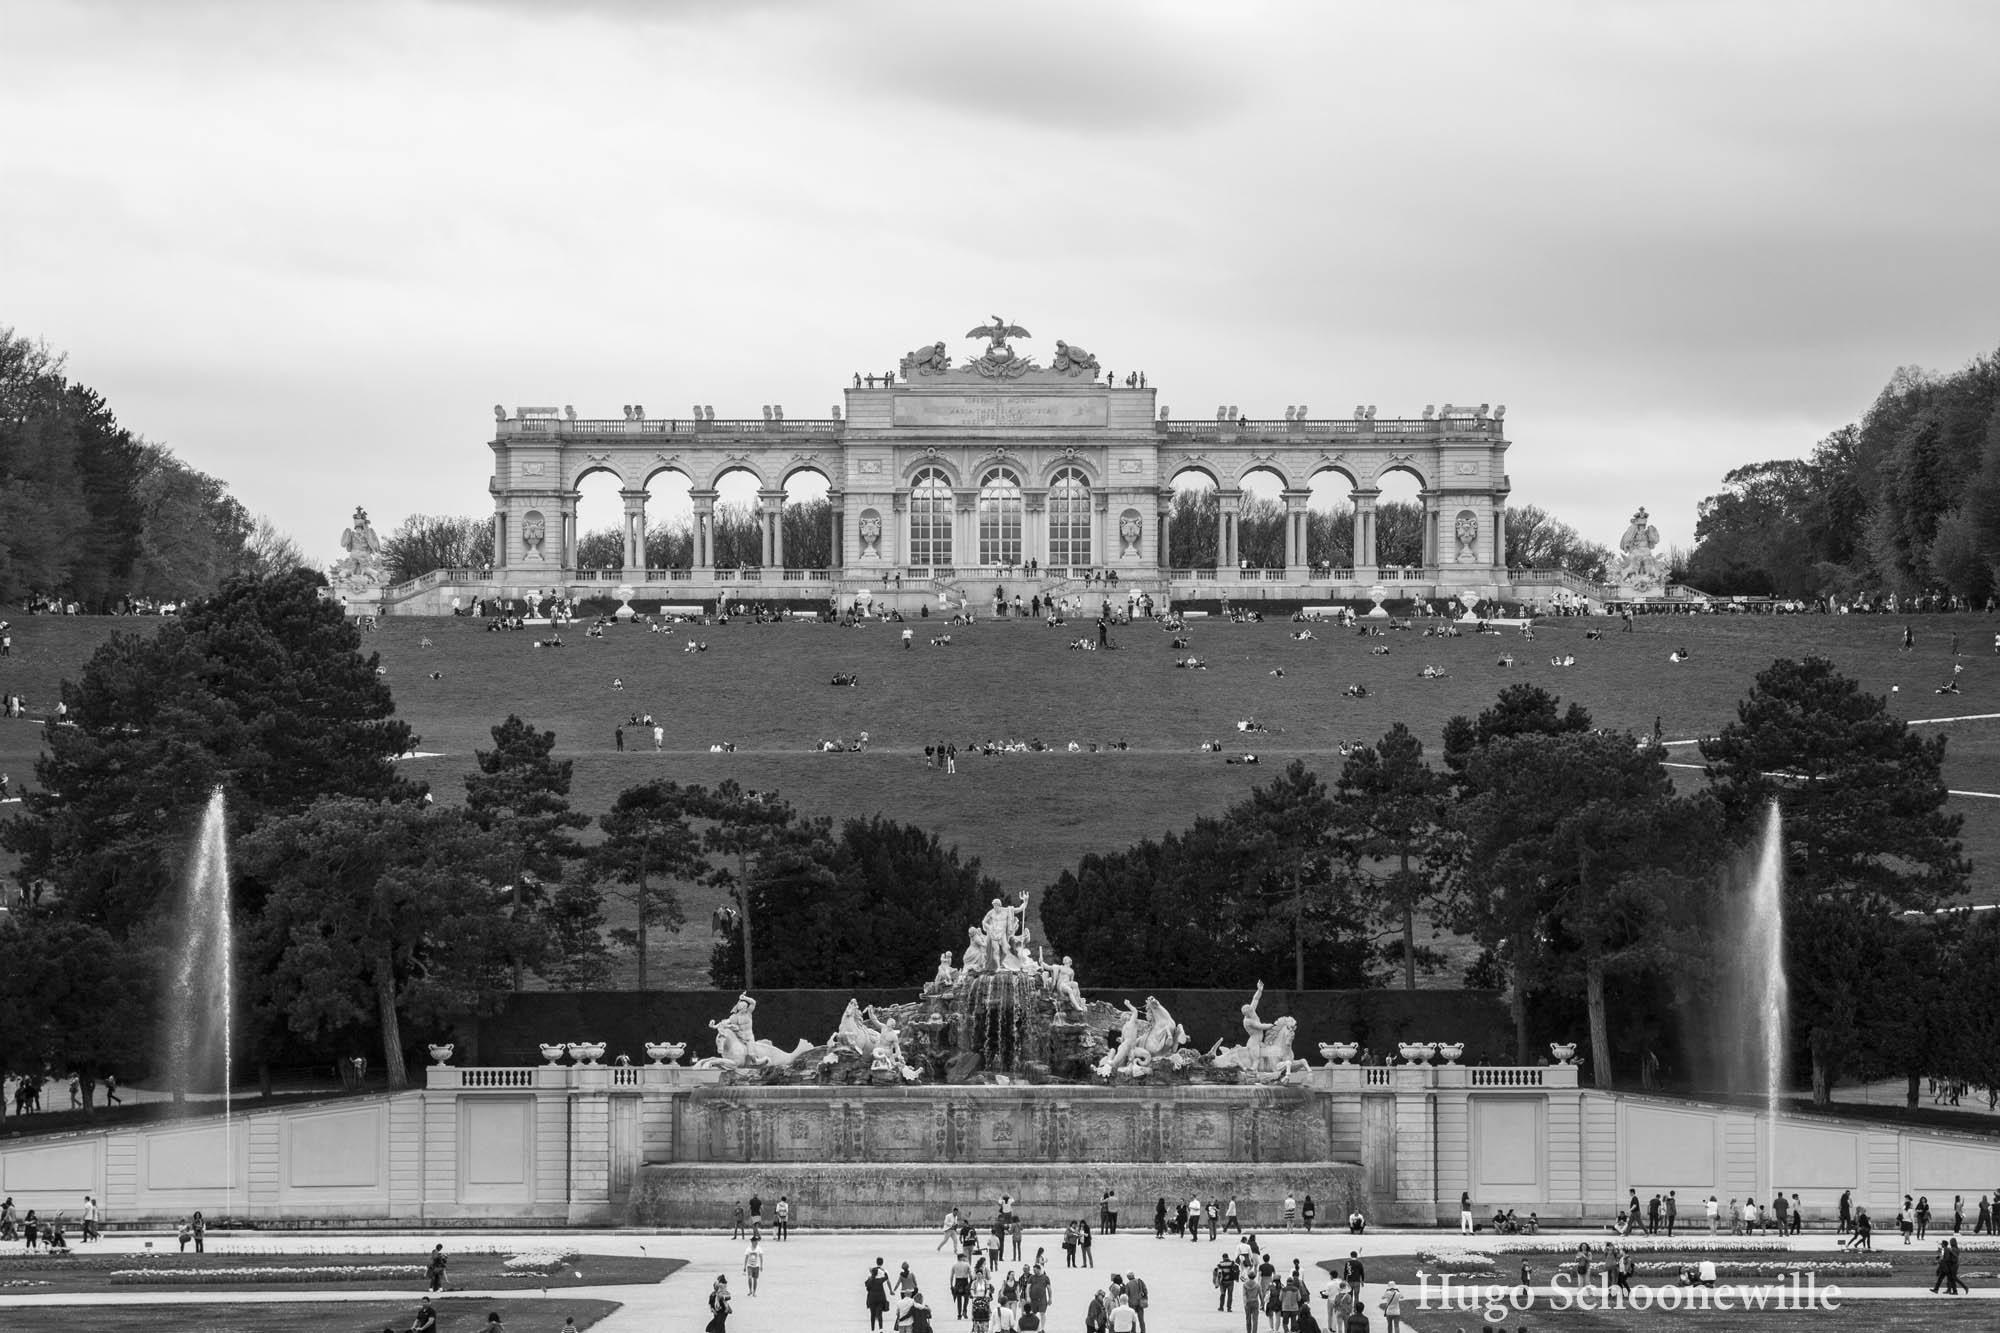 Gloriette, de poort in de tuinen van Schloss Schönbrunn, gezien vanaf het paleis en in zwart-wit.